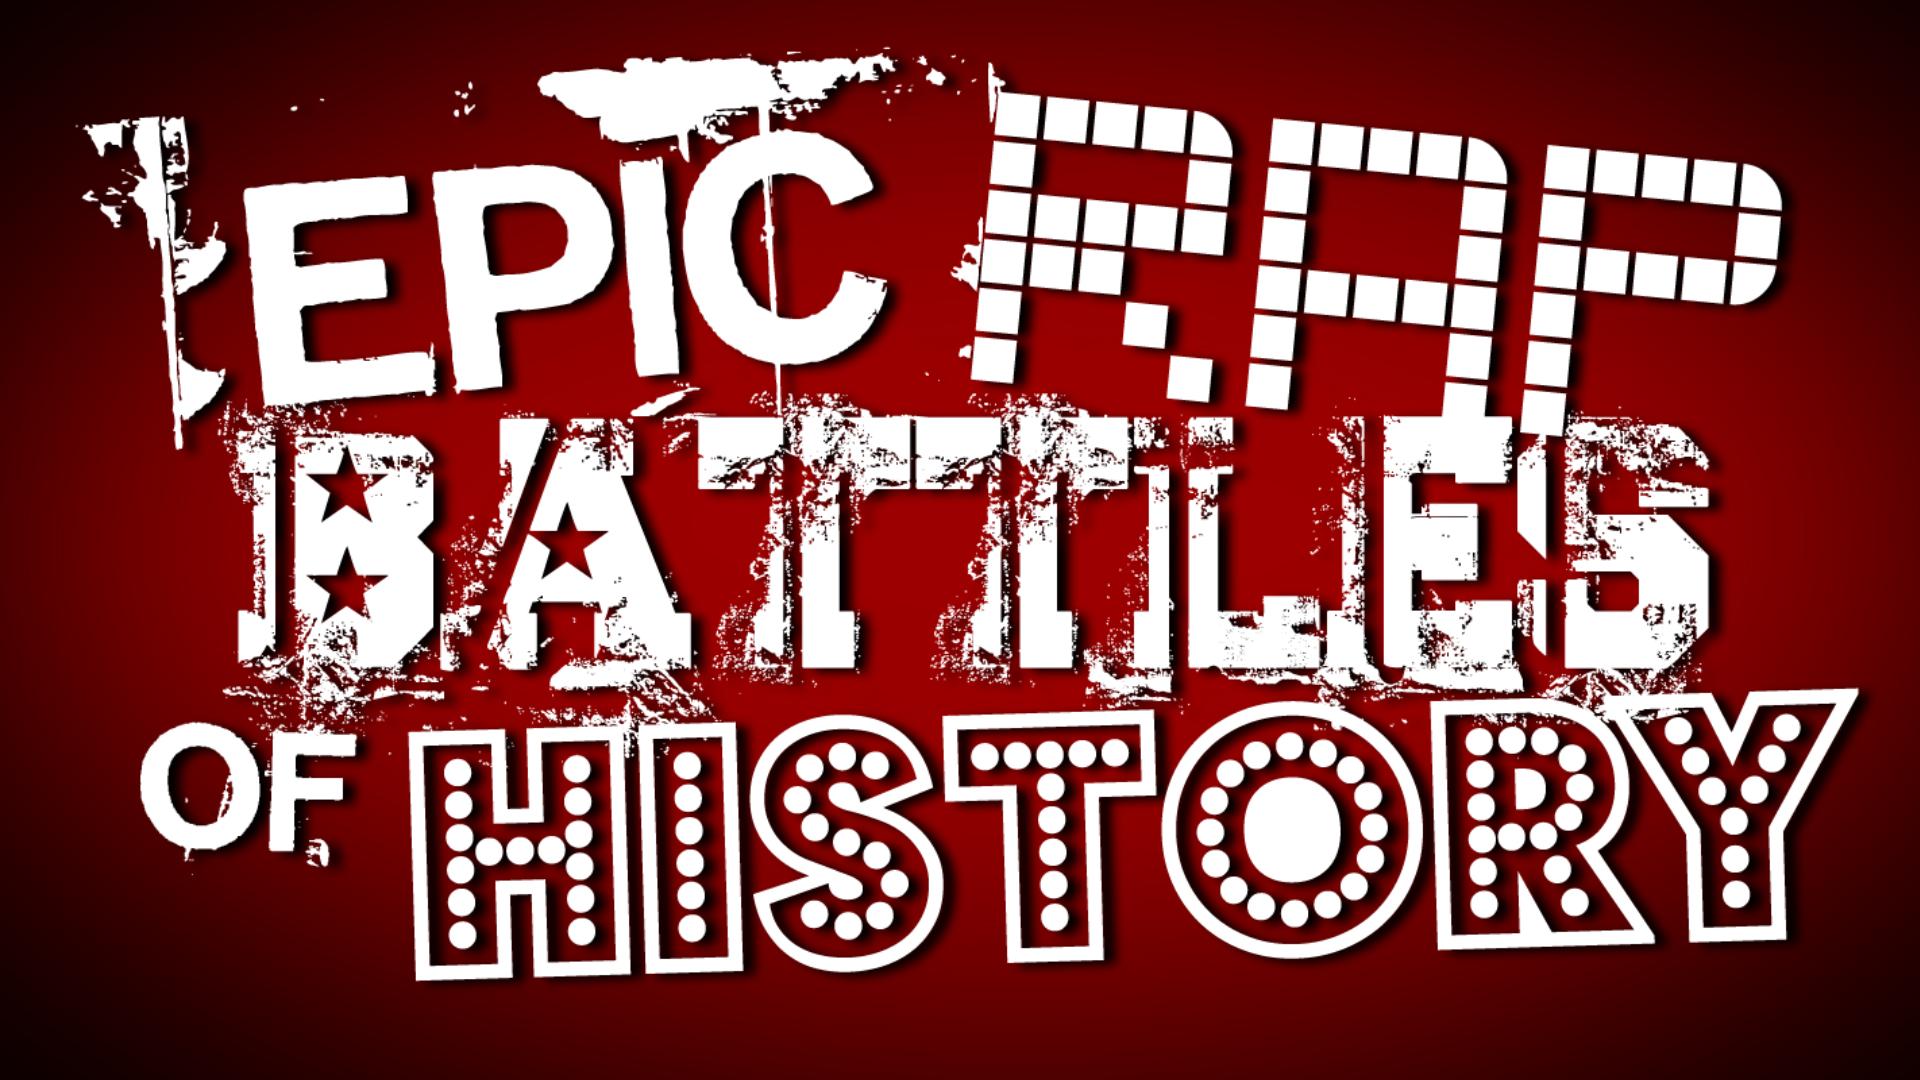 Betty White vs Bettie Page